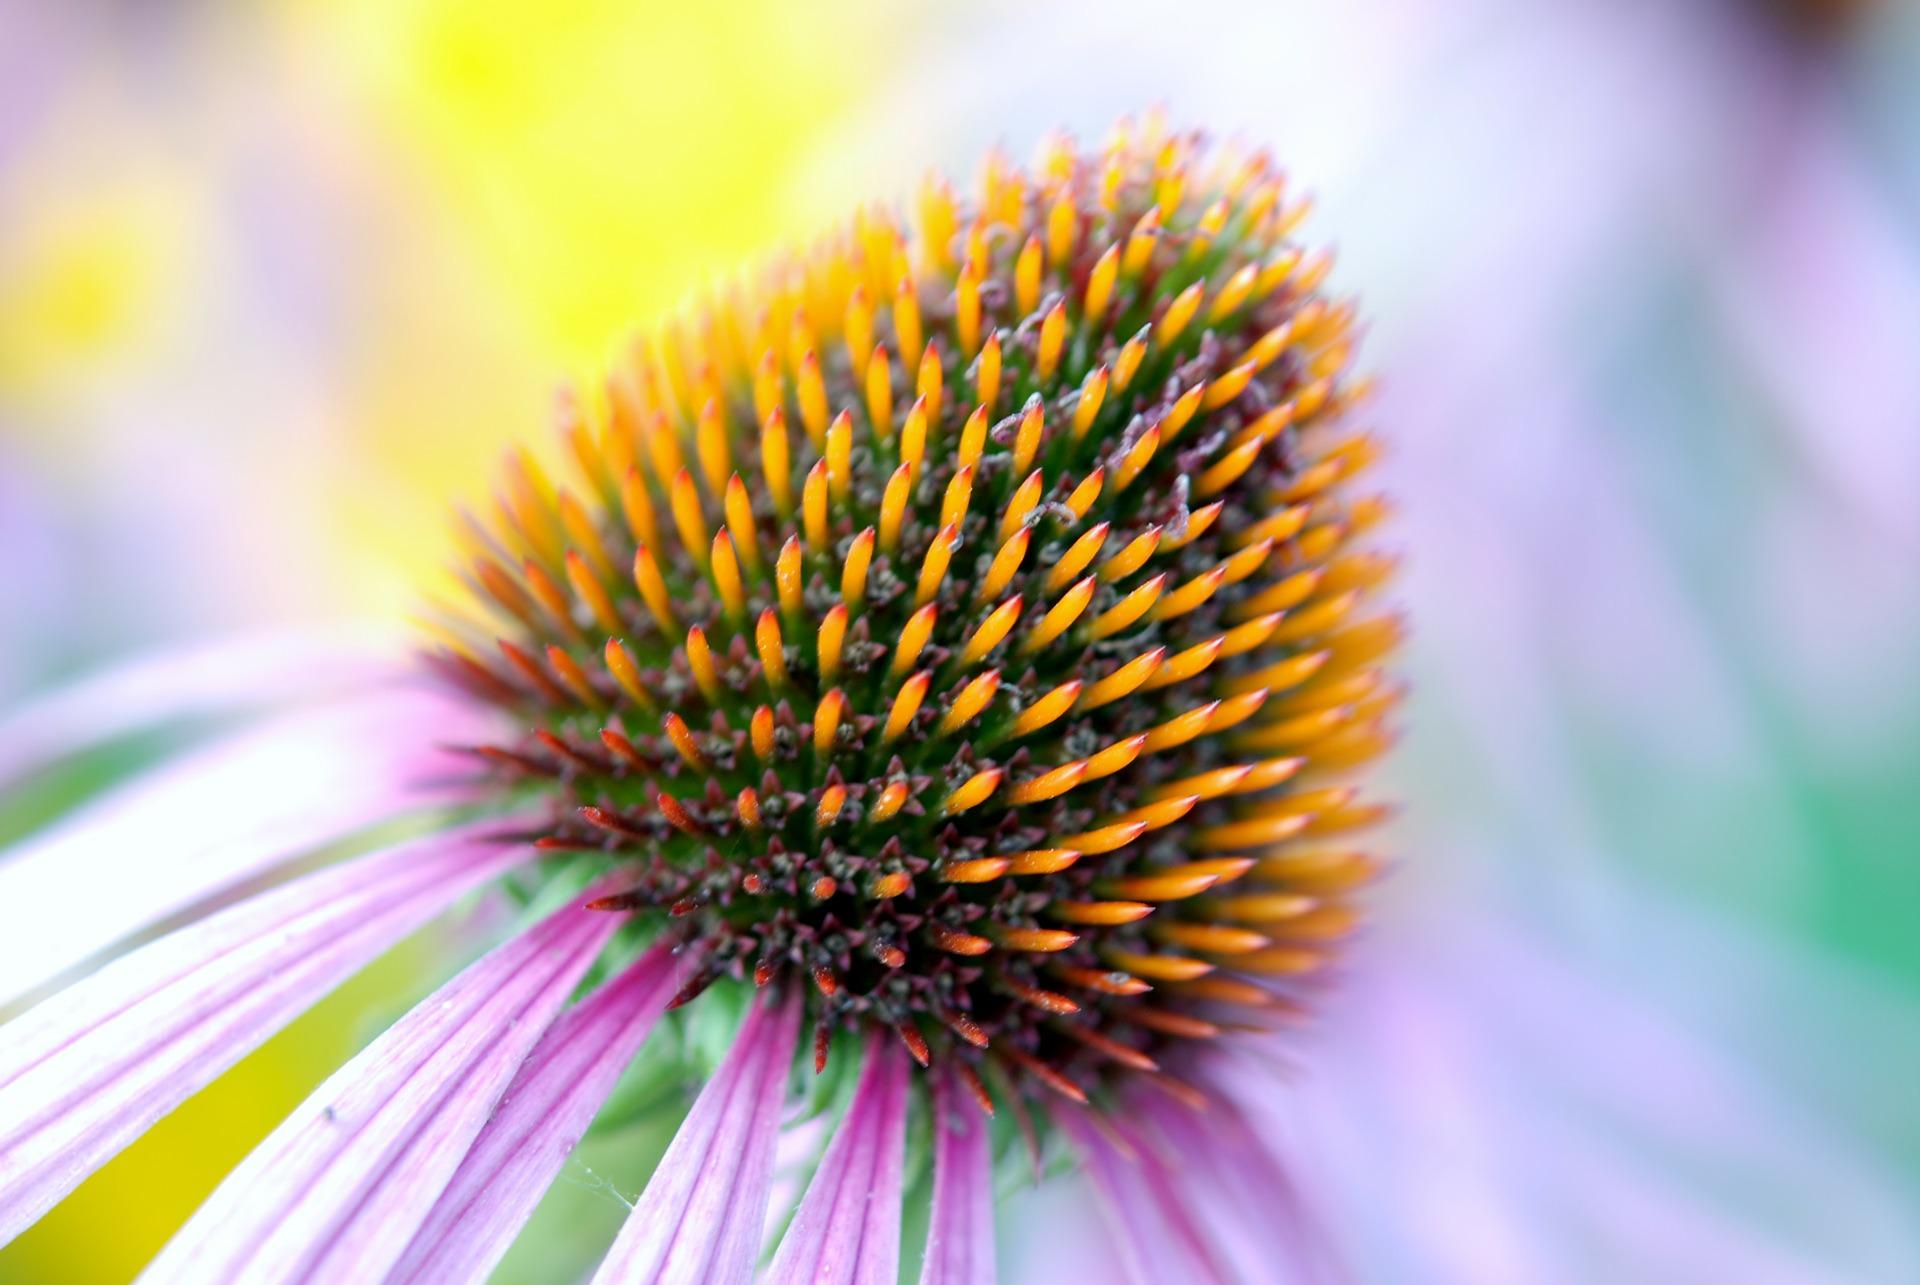 bloom-22786_1920.jpg